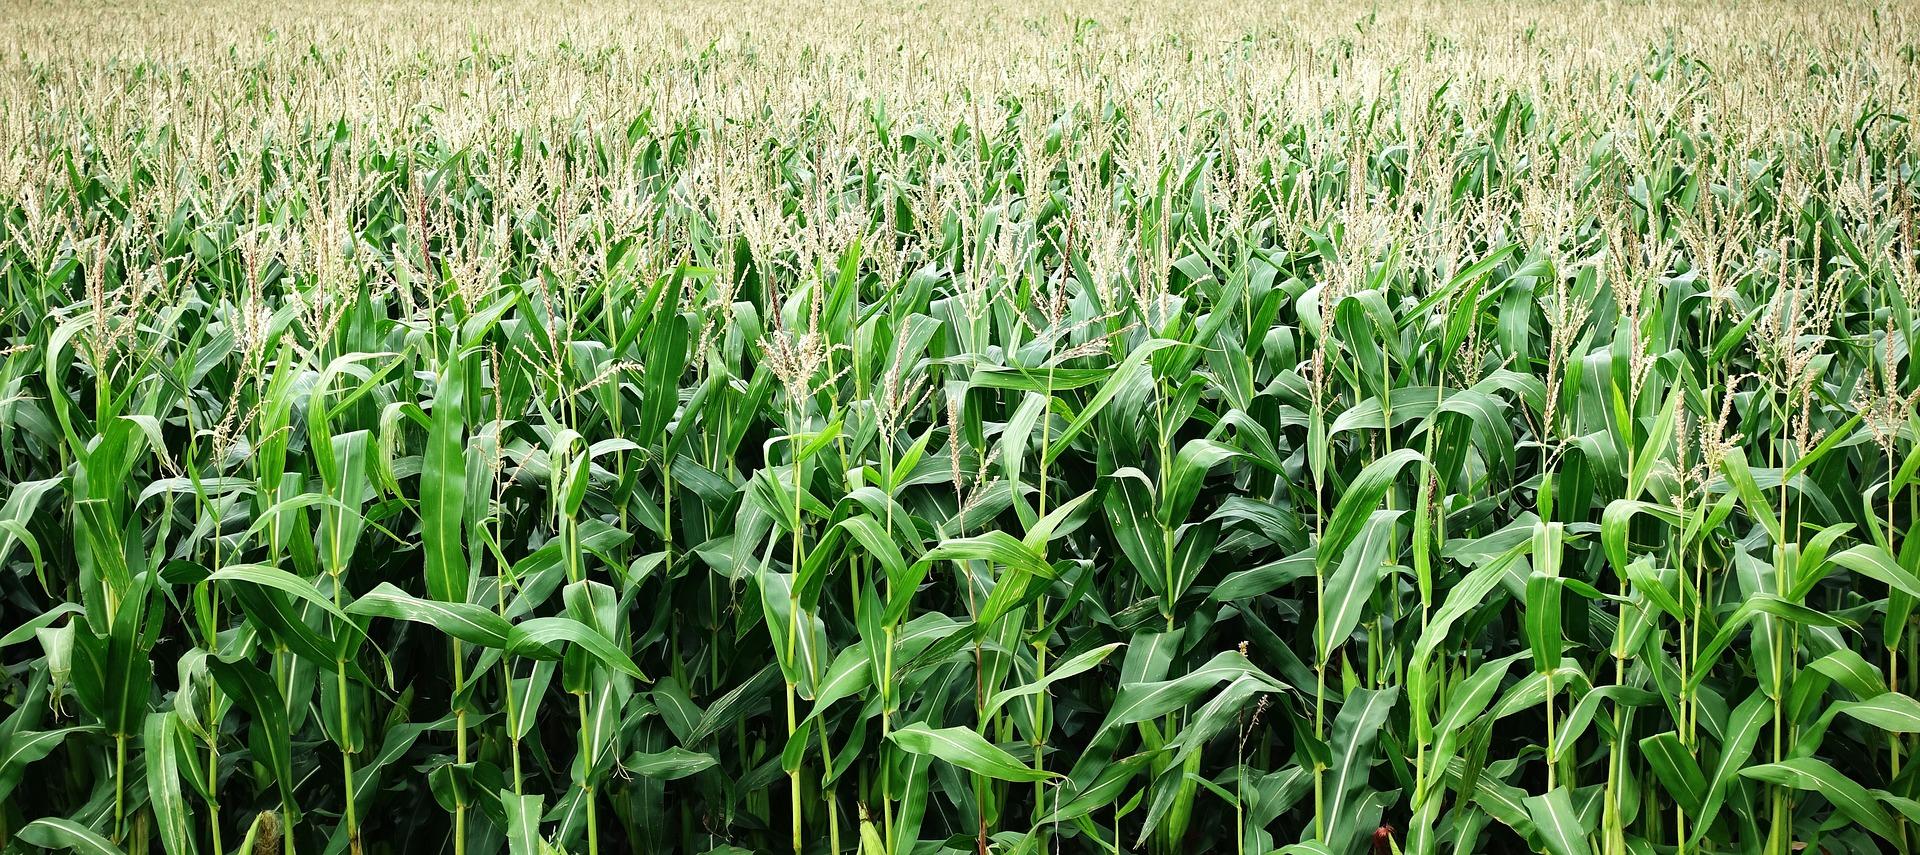 corn-2655525_1920.jpg